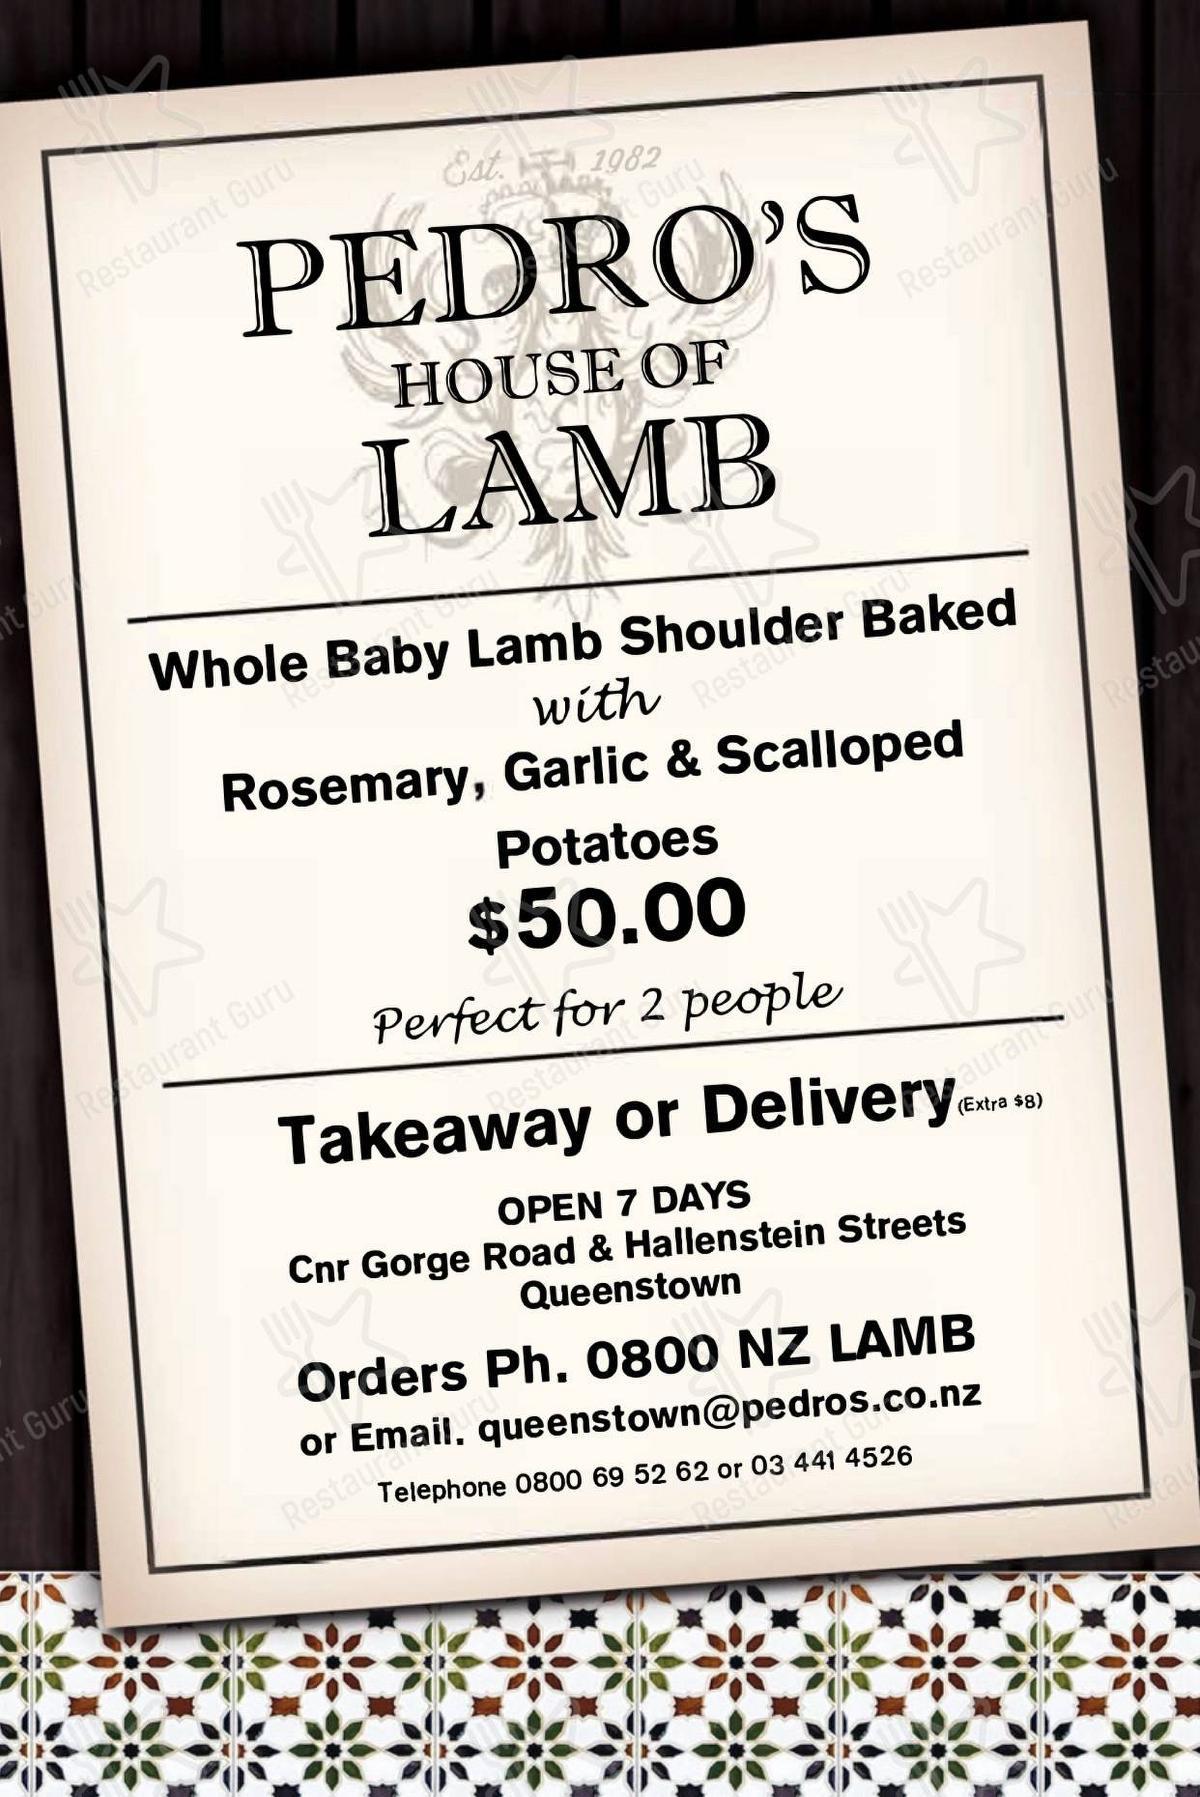 Взгляните на меню Pedro's House of Lamb